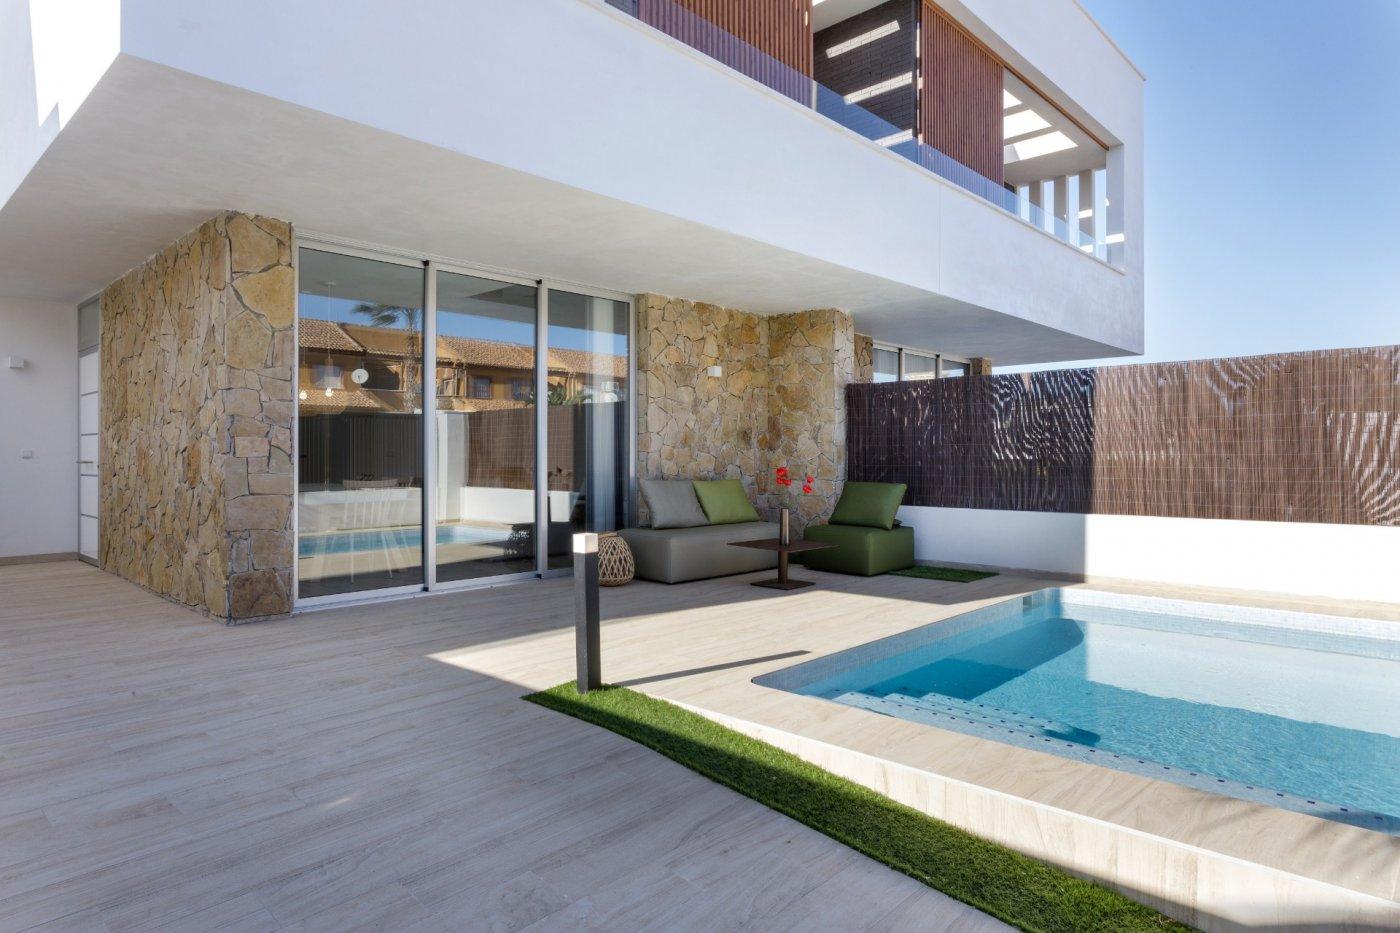 Villas con estilo en san pedro del pinatar - imagenInmueble1